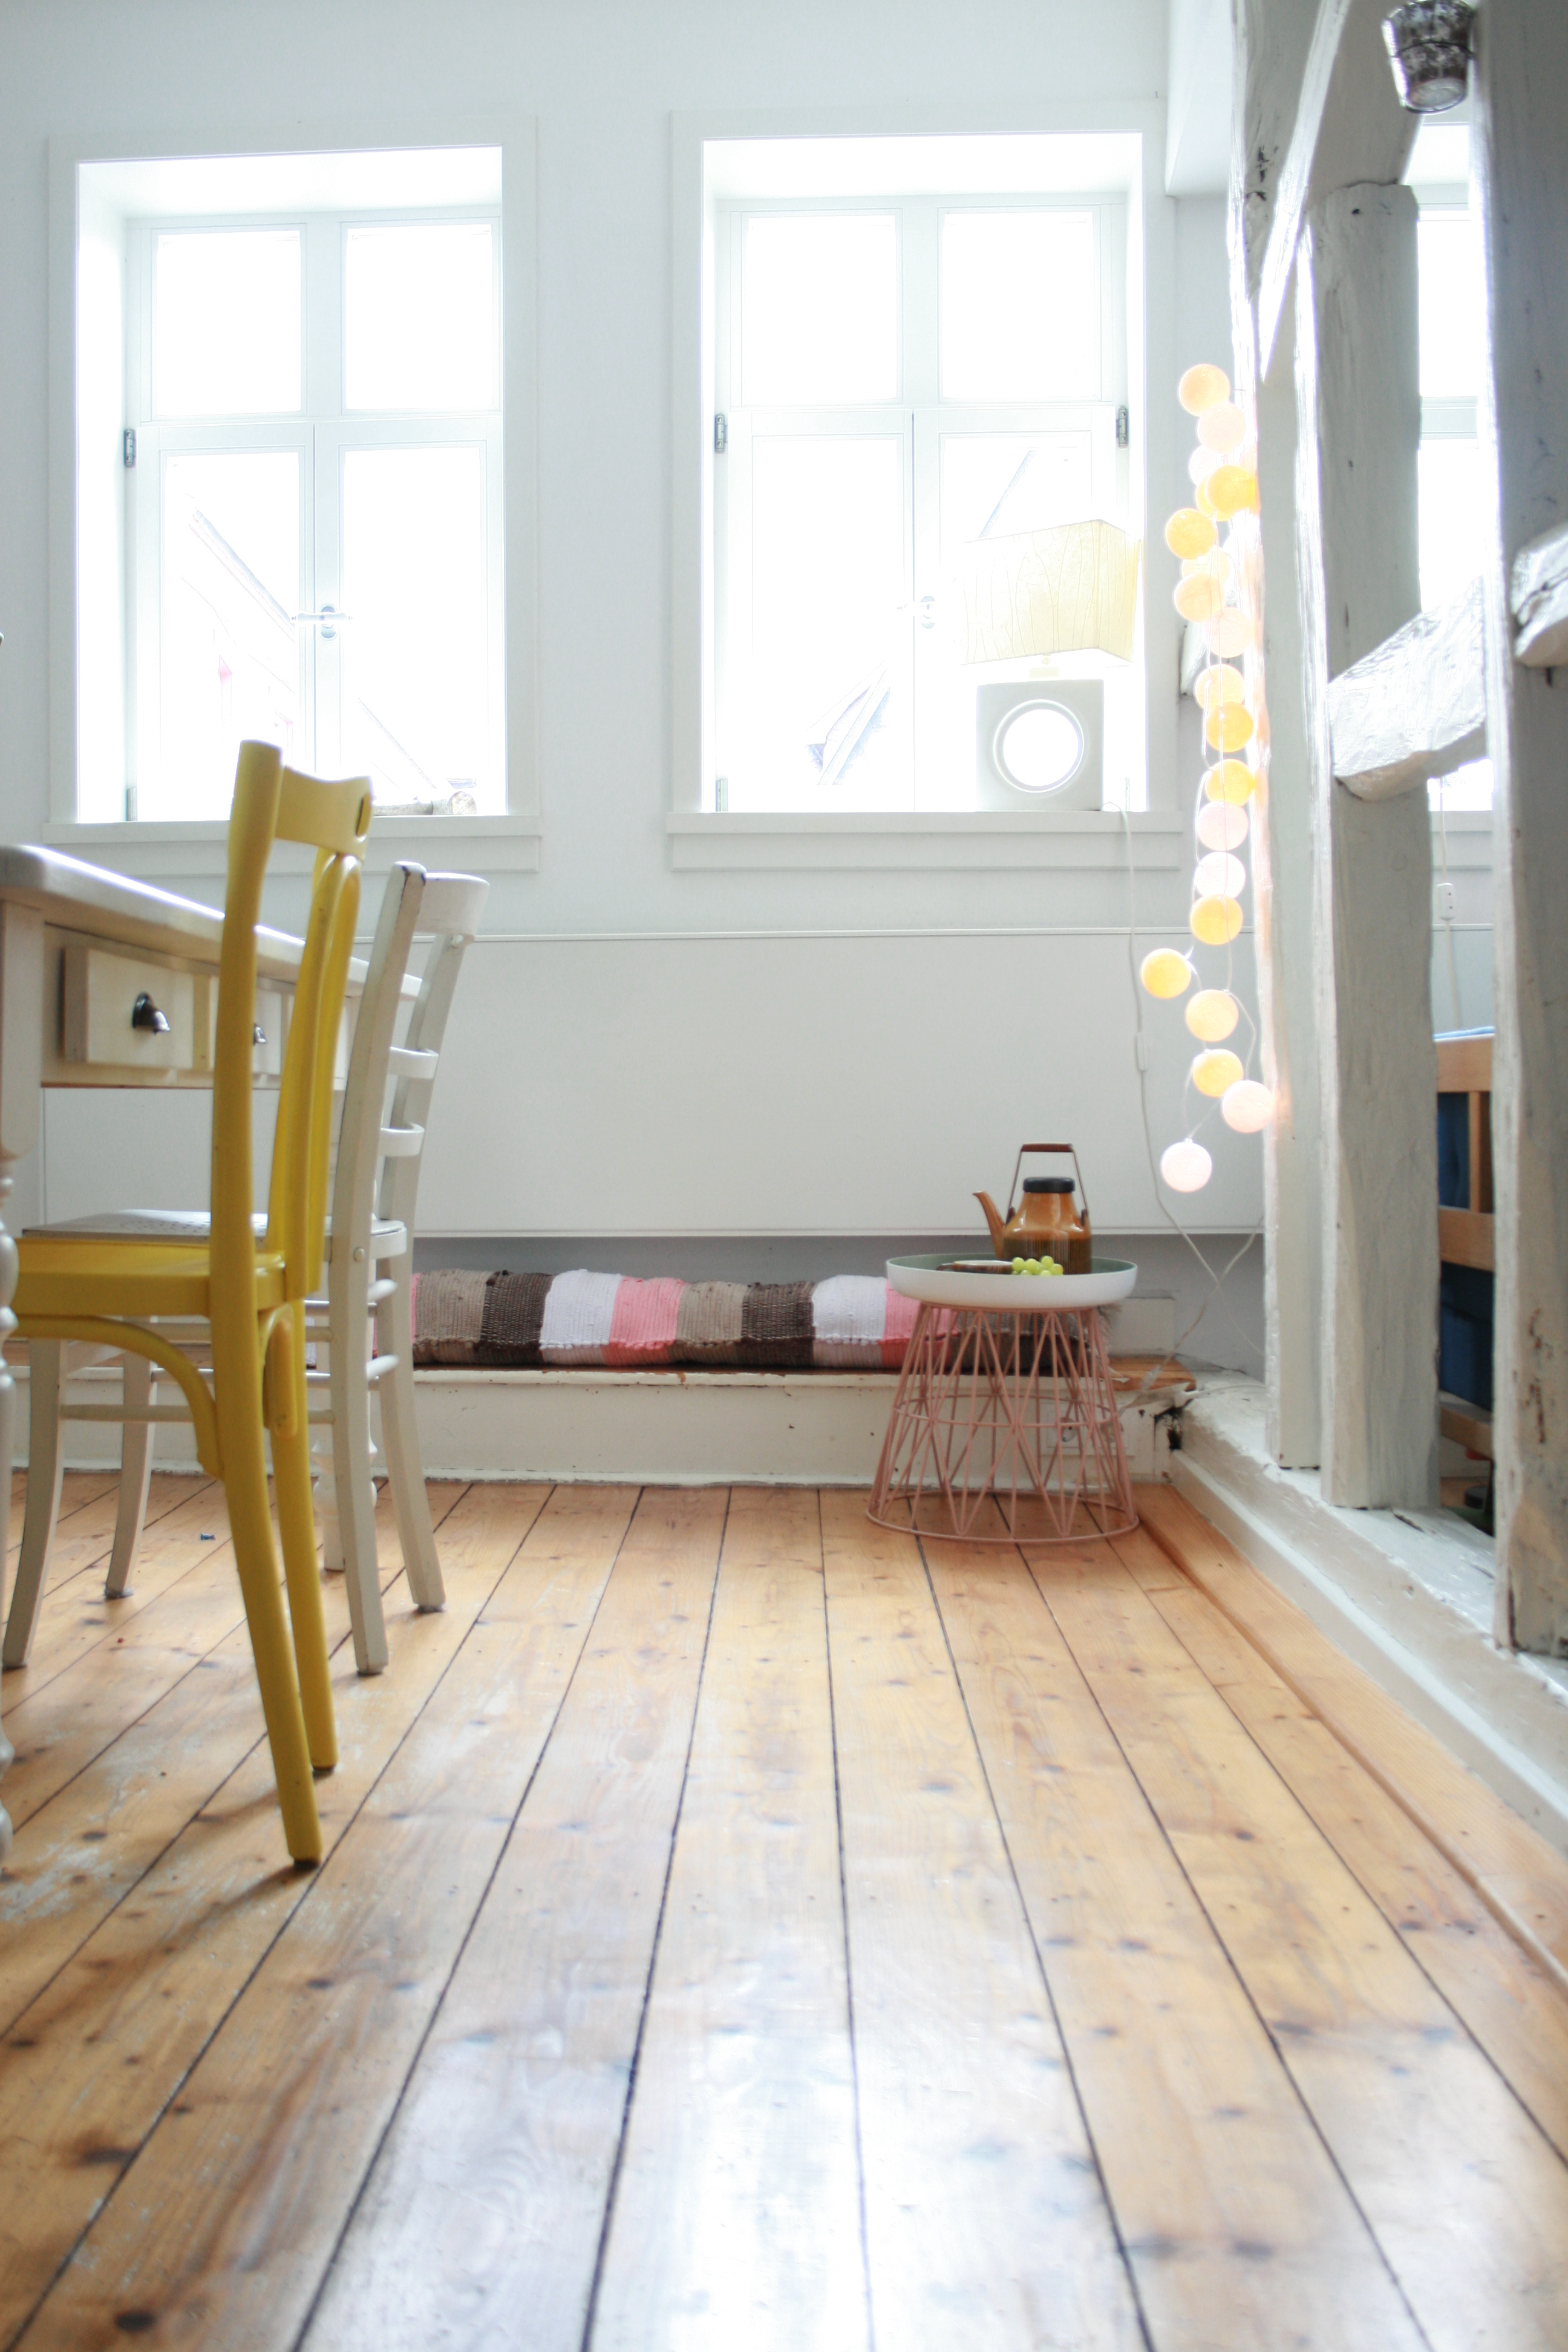 zum sitzen elegant intex faltbare zum sitzen oder liegen. Black Bedroom Furniture Sets. Home Design Ideas